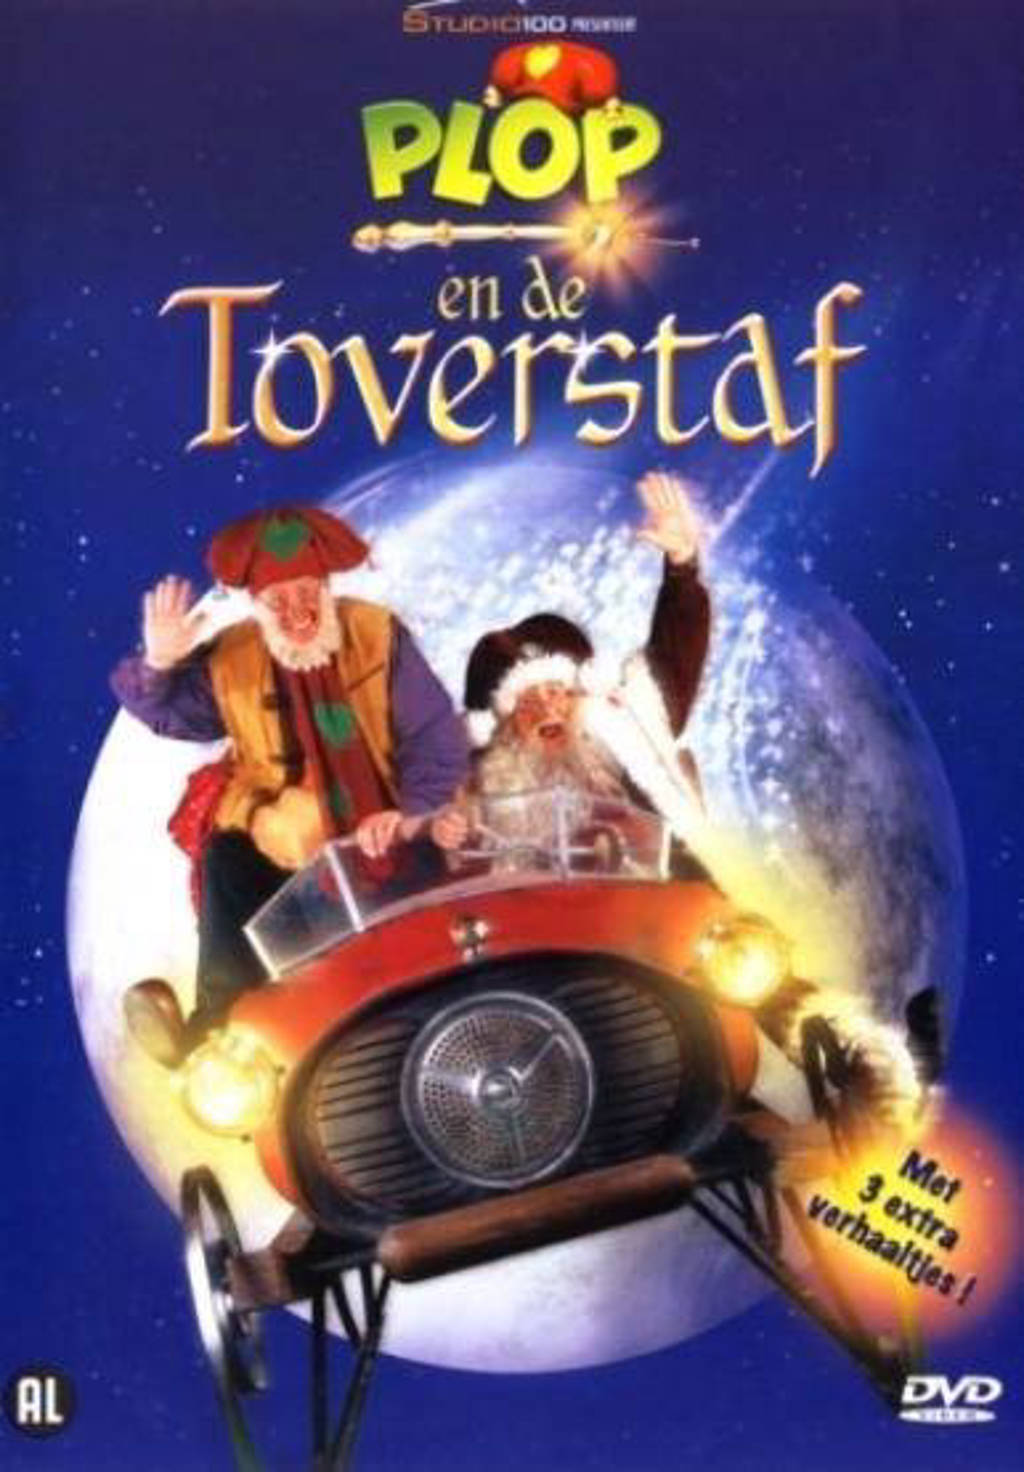 Plop - De toverstaf (DVD)